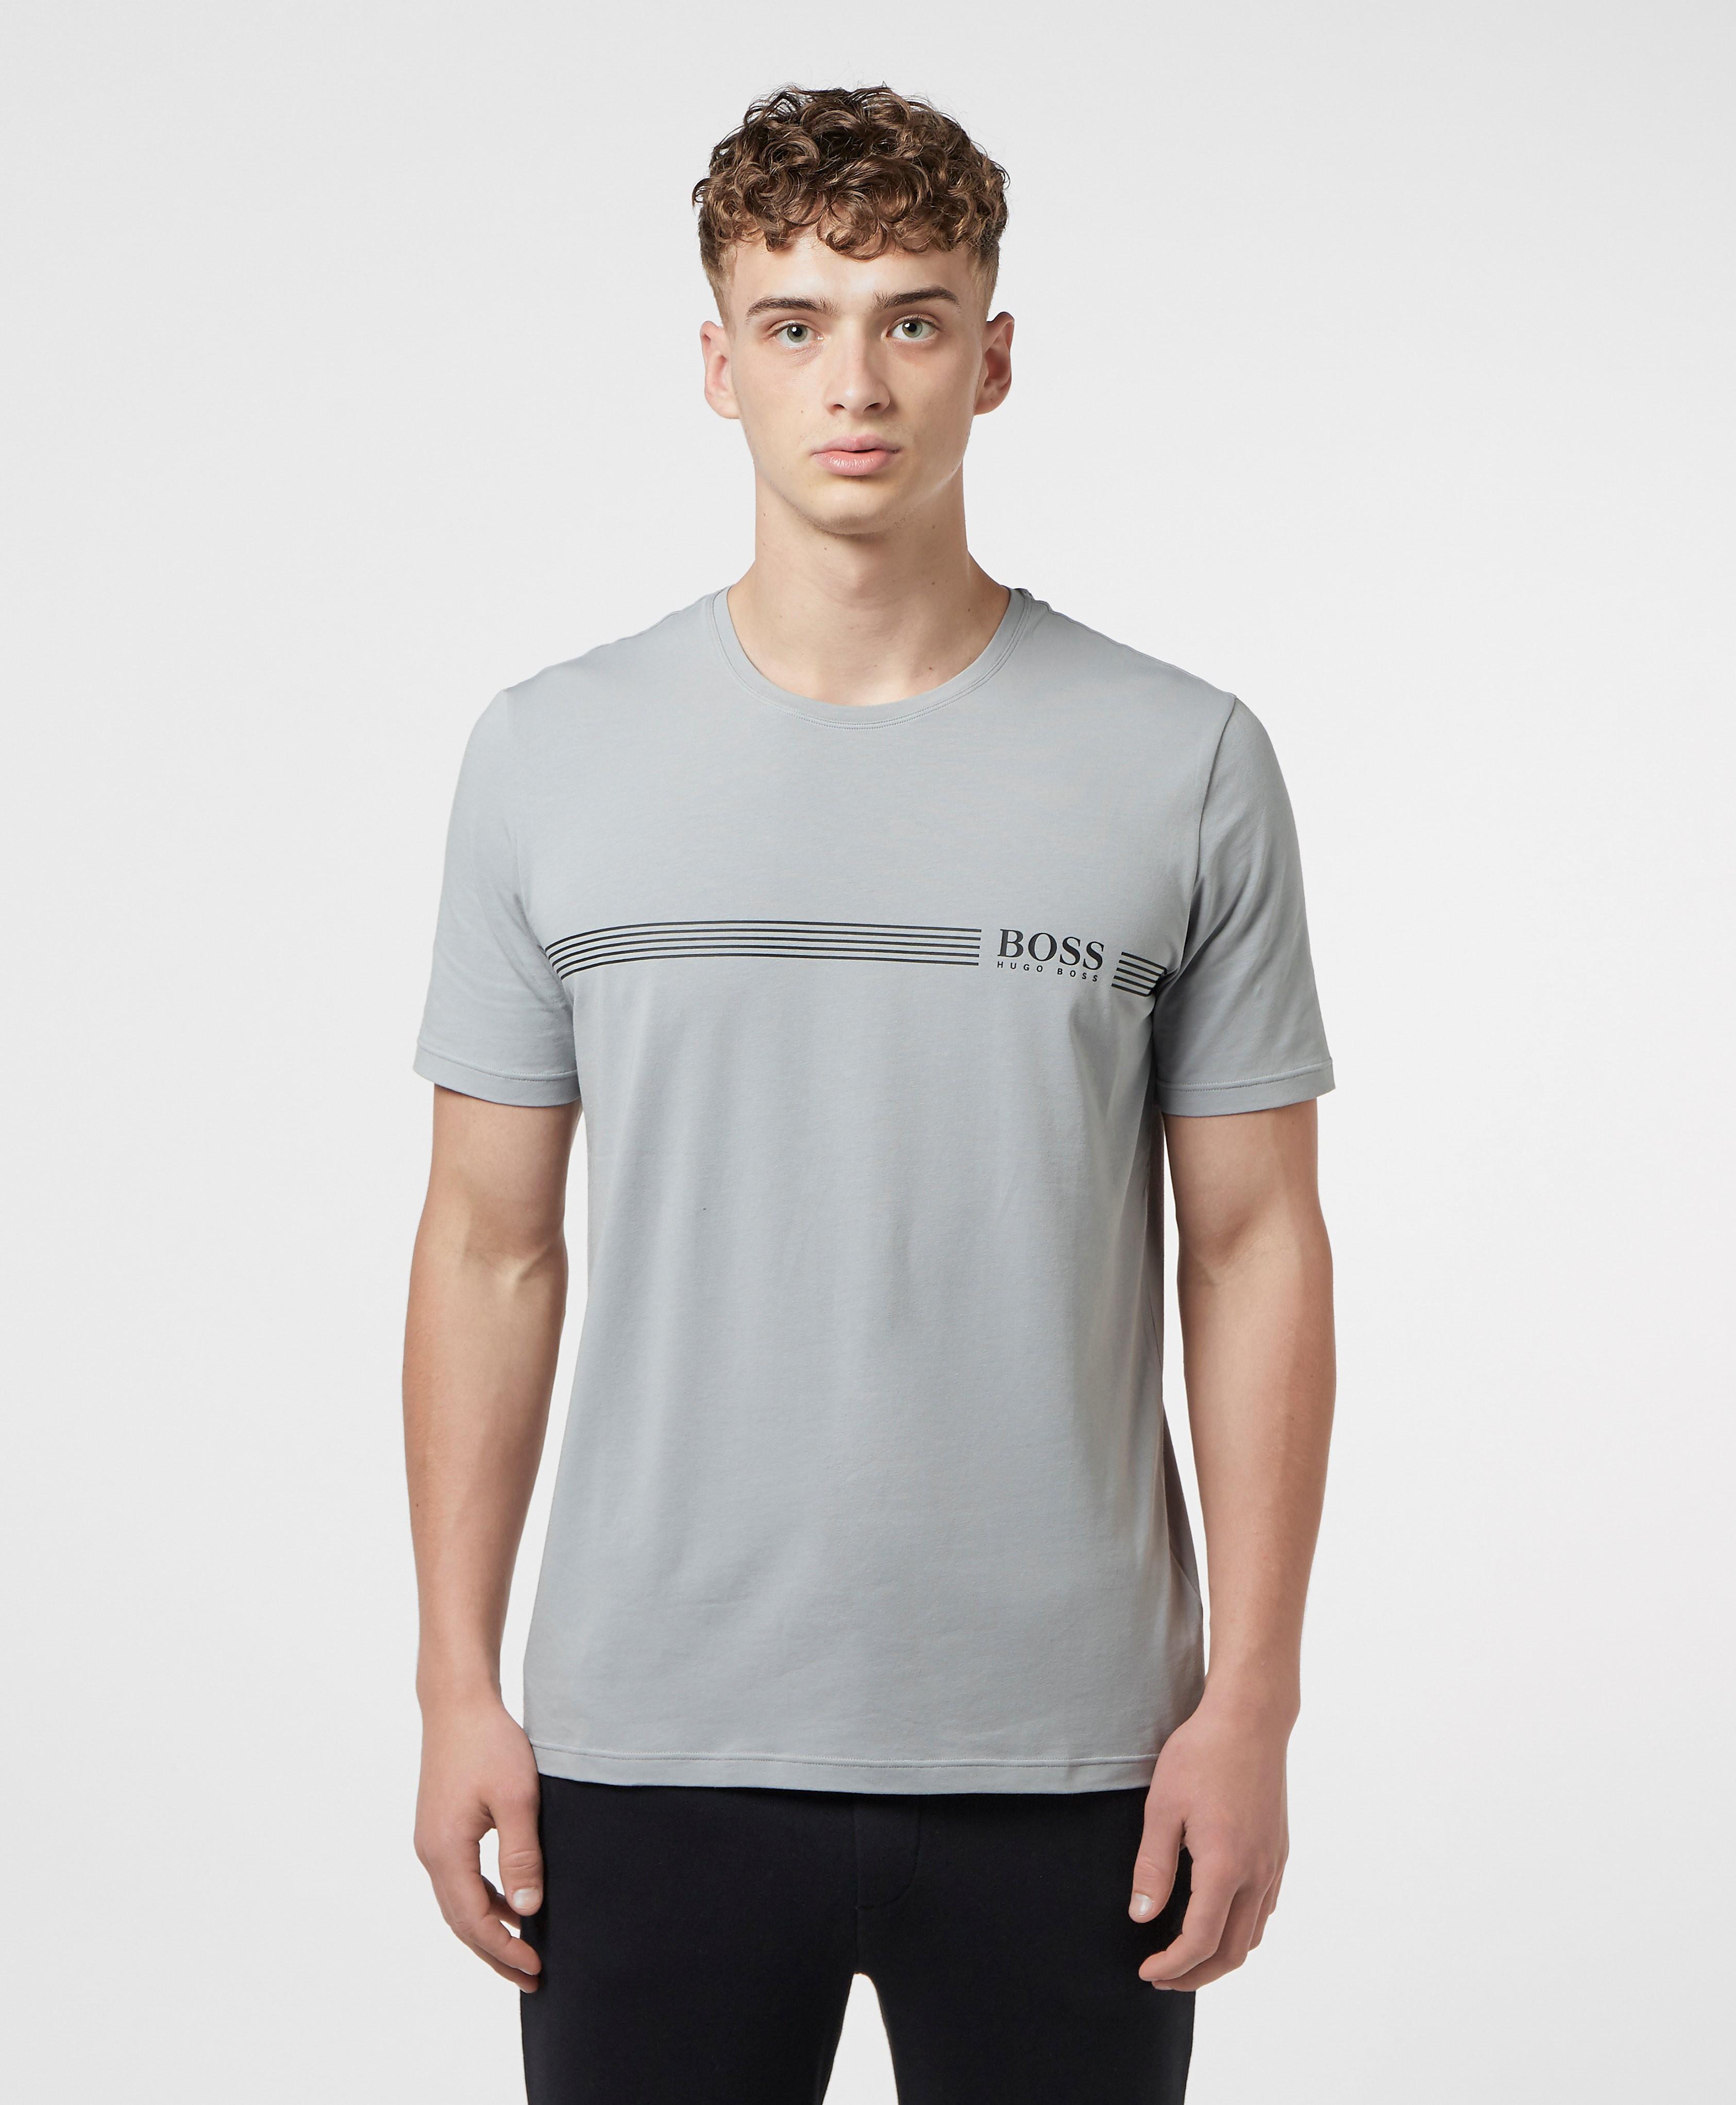 BOSS Line Logo Short Sleeve T-Shirt